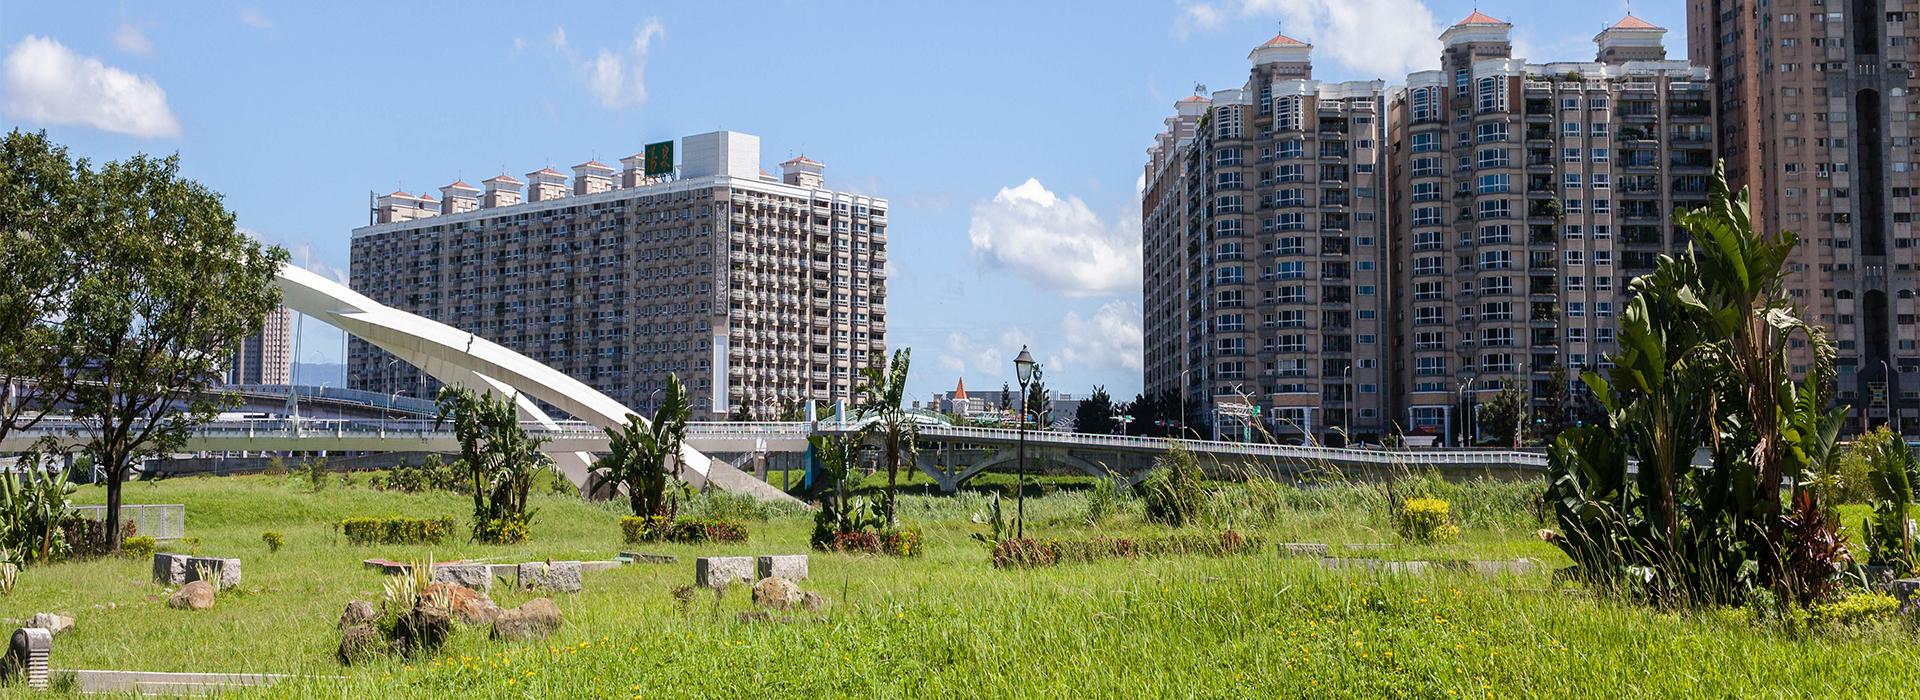 政府標售土地又見搶標 是景氣回春?還是暗藏玄機?